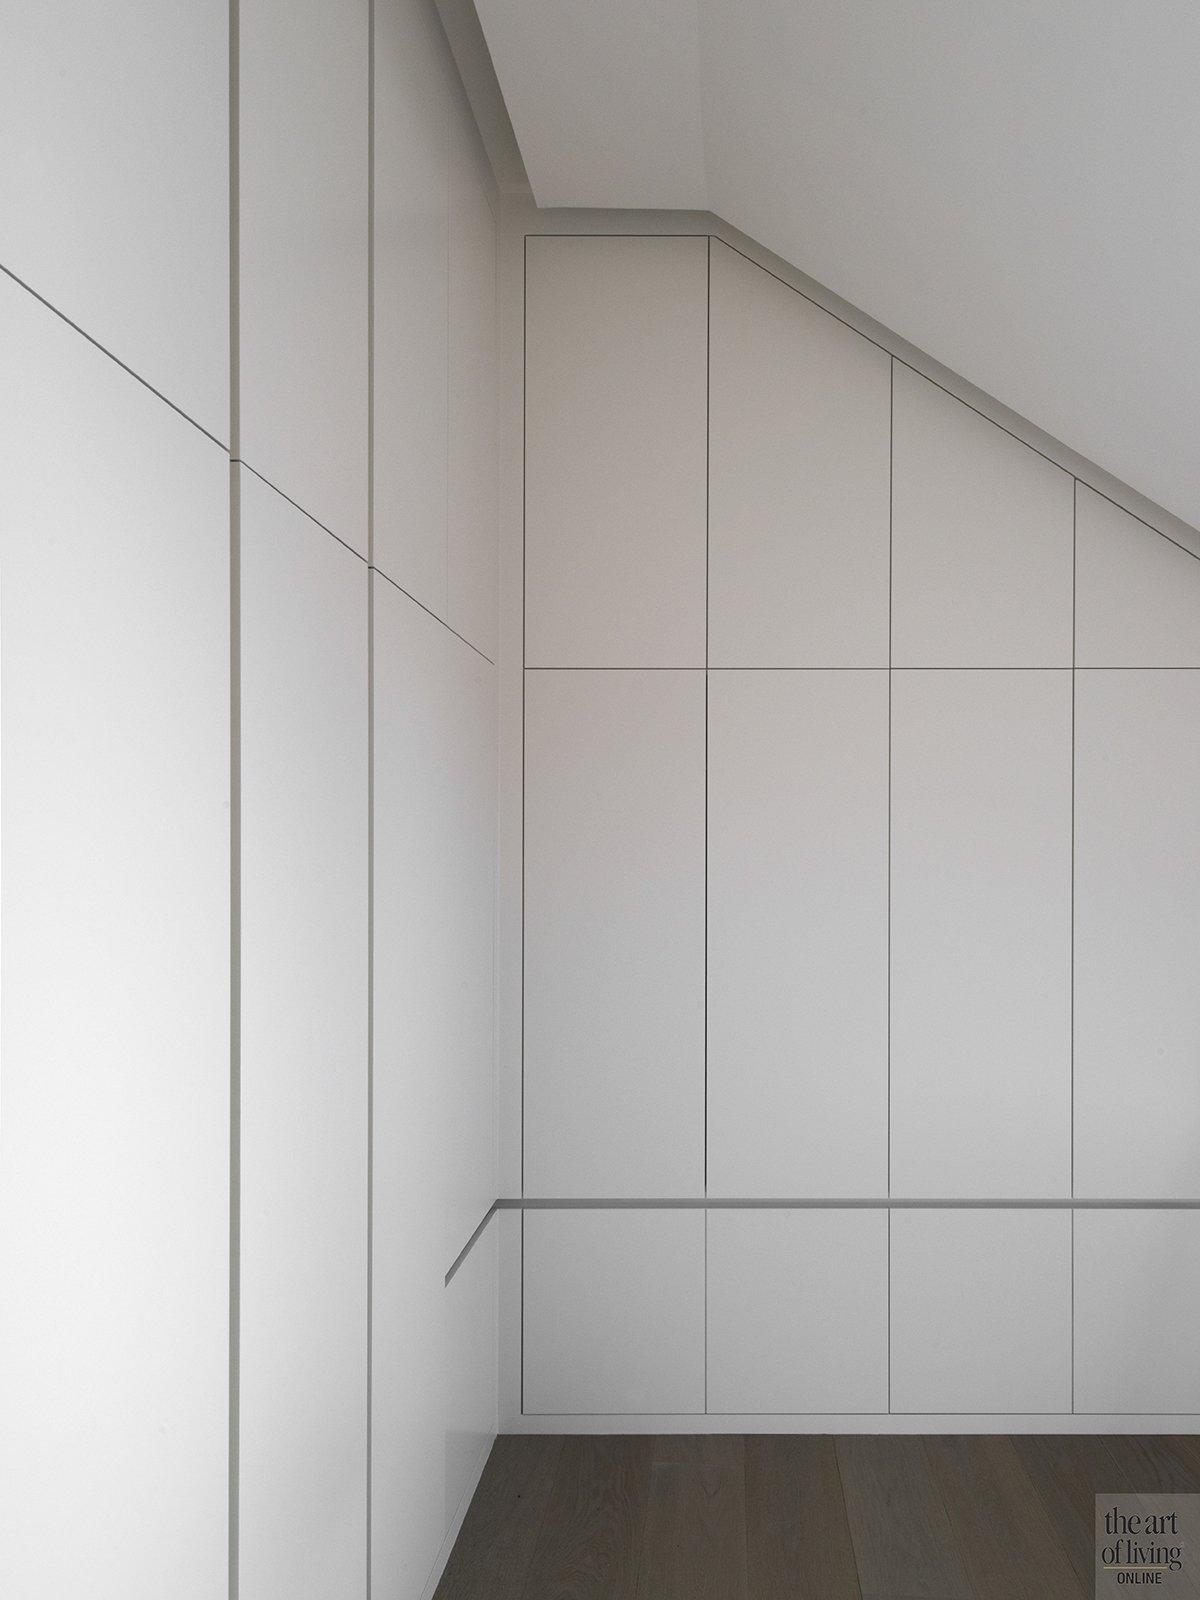 QTD, woonkamer, kledingkast, exclusief, modern, the art of living